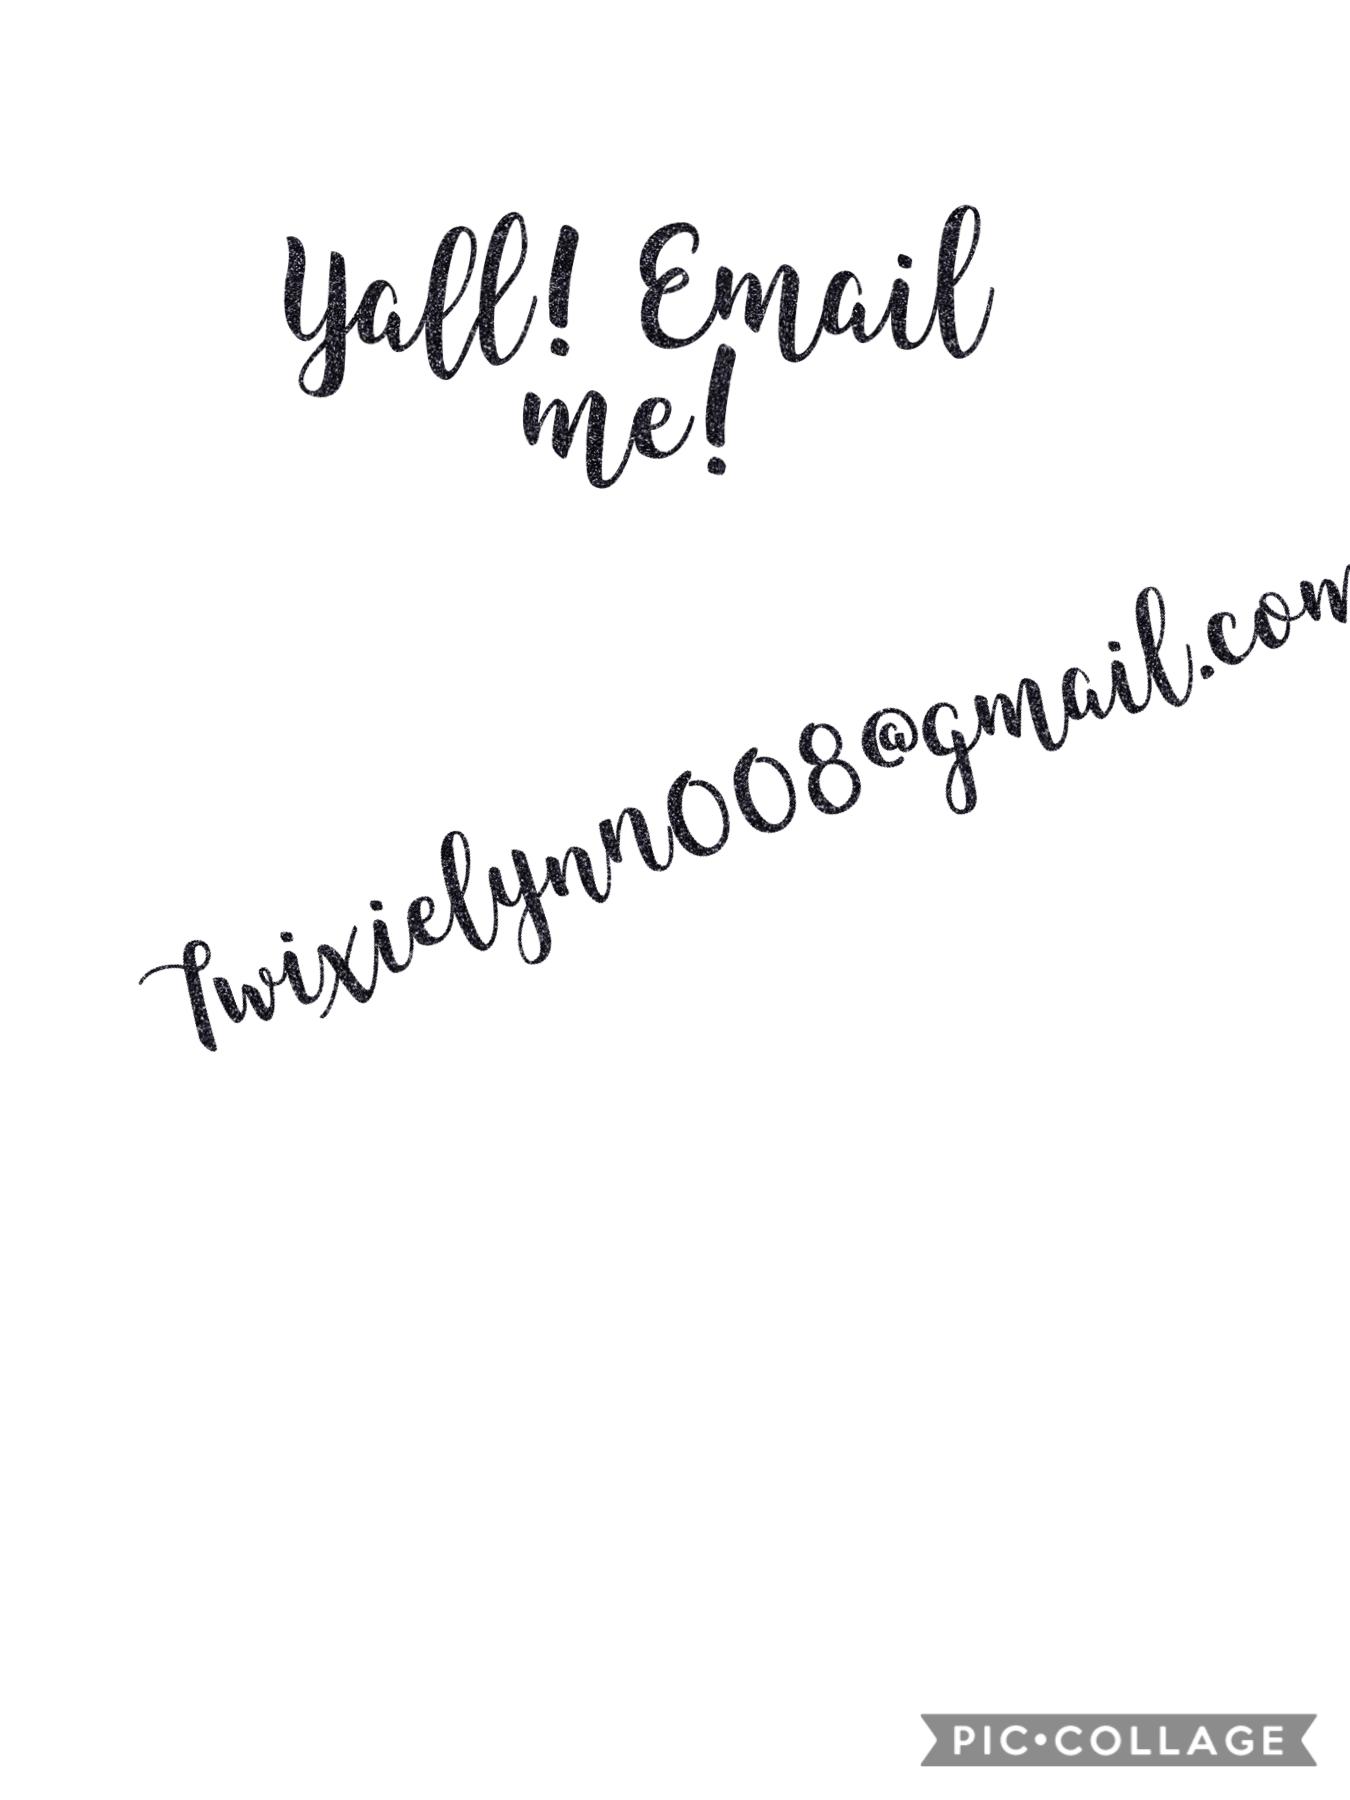 #emailme!